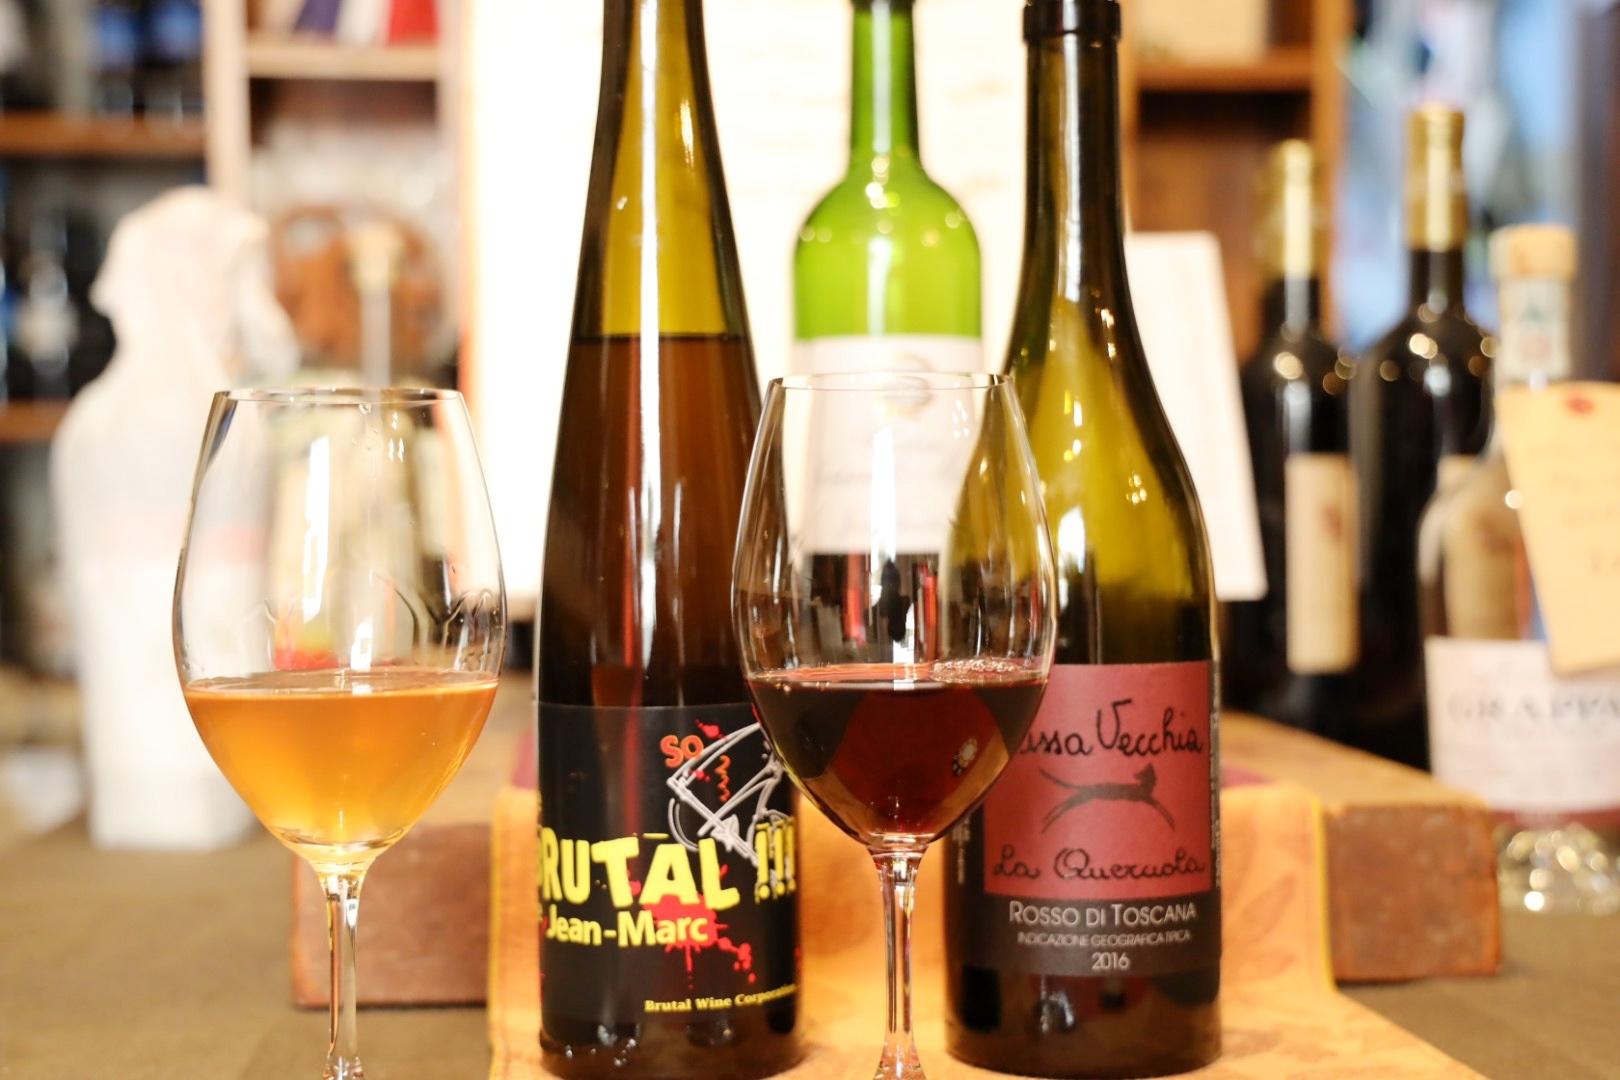 鎌倉でお気に入りの酒屋さんで美味しい自然派ワインの角打ちを♪_1_2-2